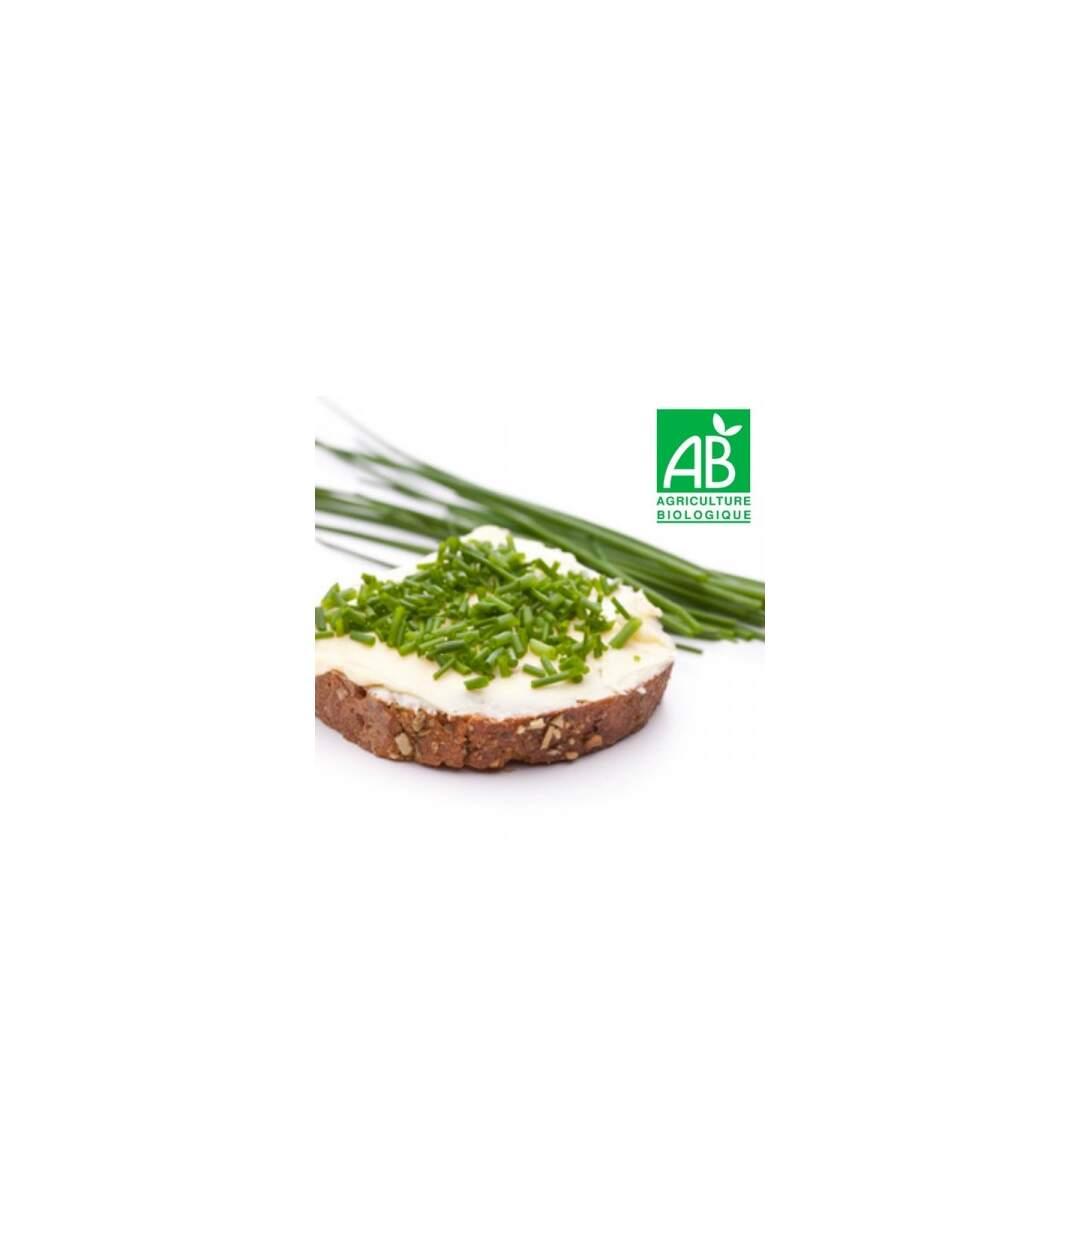 Graines ciboulette commune AB Bio